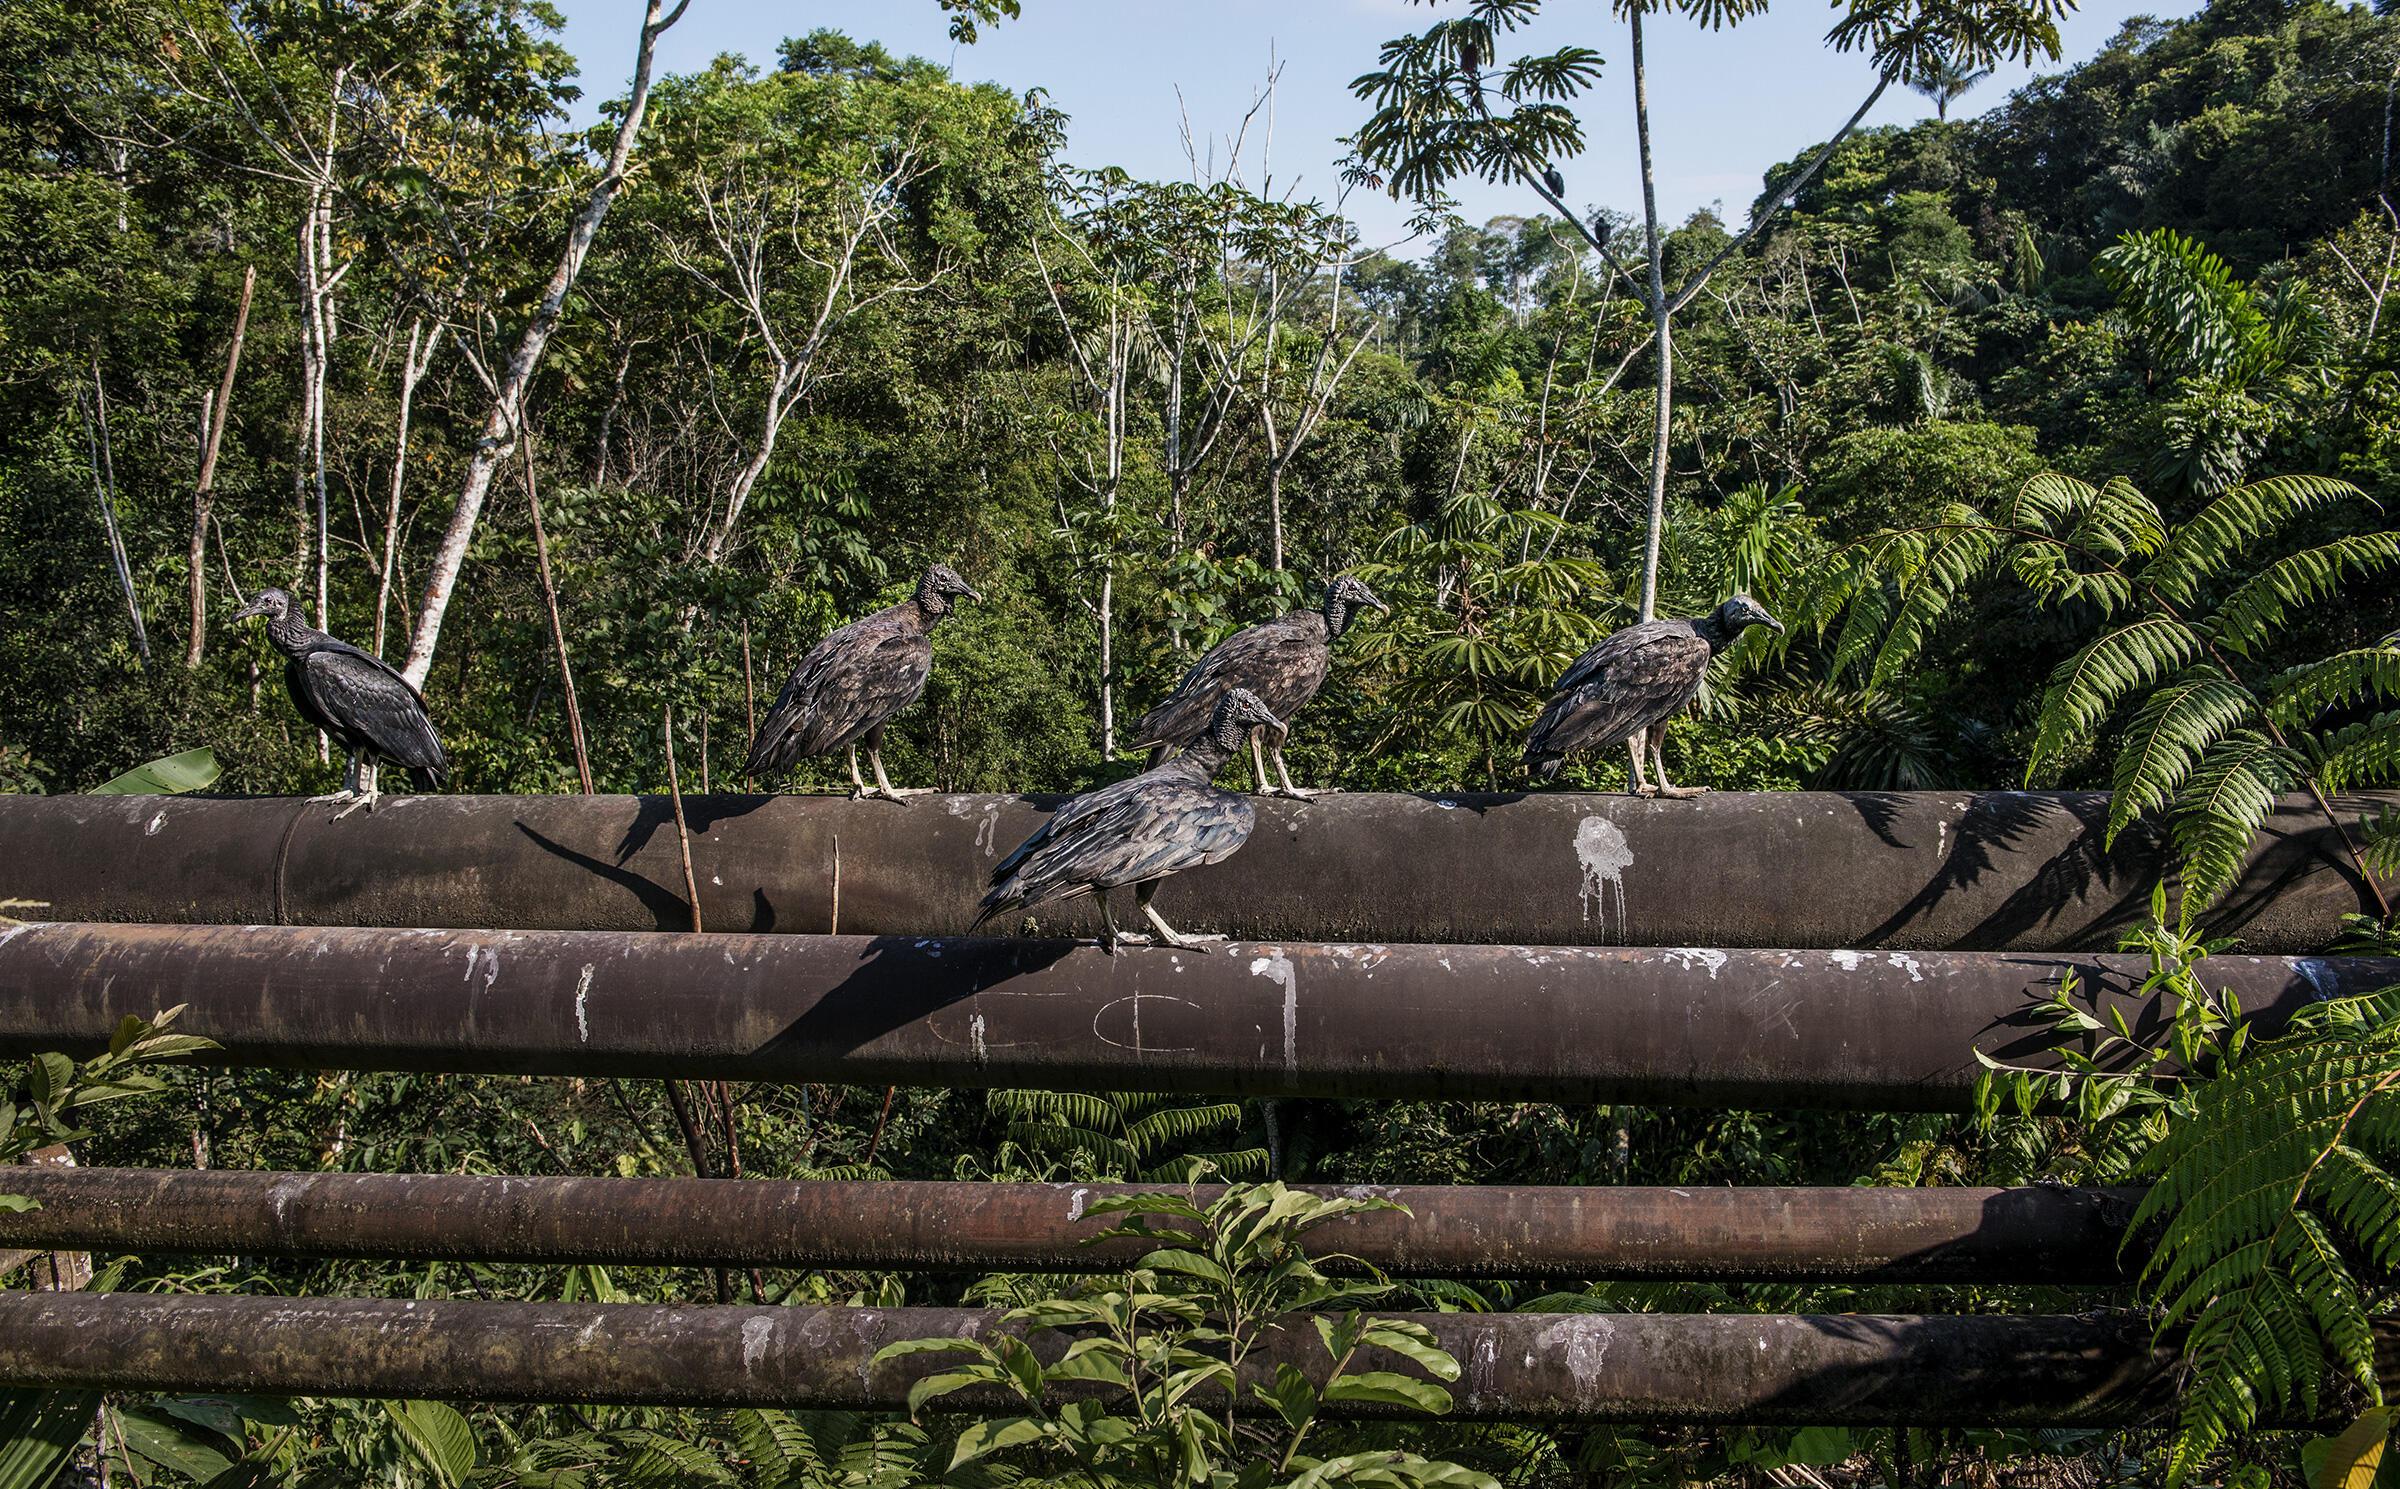 Mientras Las Empresas Petroleras Realizan Perforaciones En El Parque Nacional Yasuni Los Ecuatorianos Ofrecen Resistencia Audubon El museo tierra de dinosaurios llegará a la cdmx el 23 de julio y permanecerá abierta hasta el 8 de septiembre, en horario de 10:00 a 18:00 todos los días. mientras las empresas petroleras